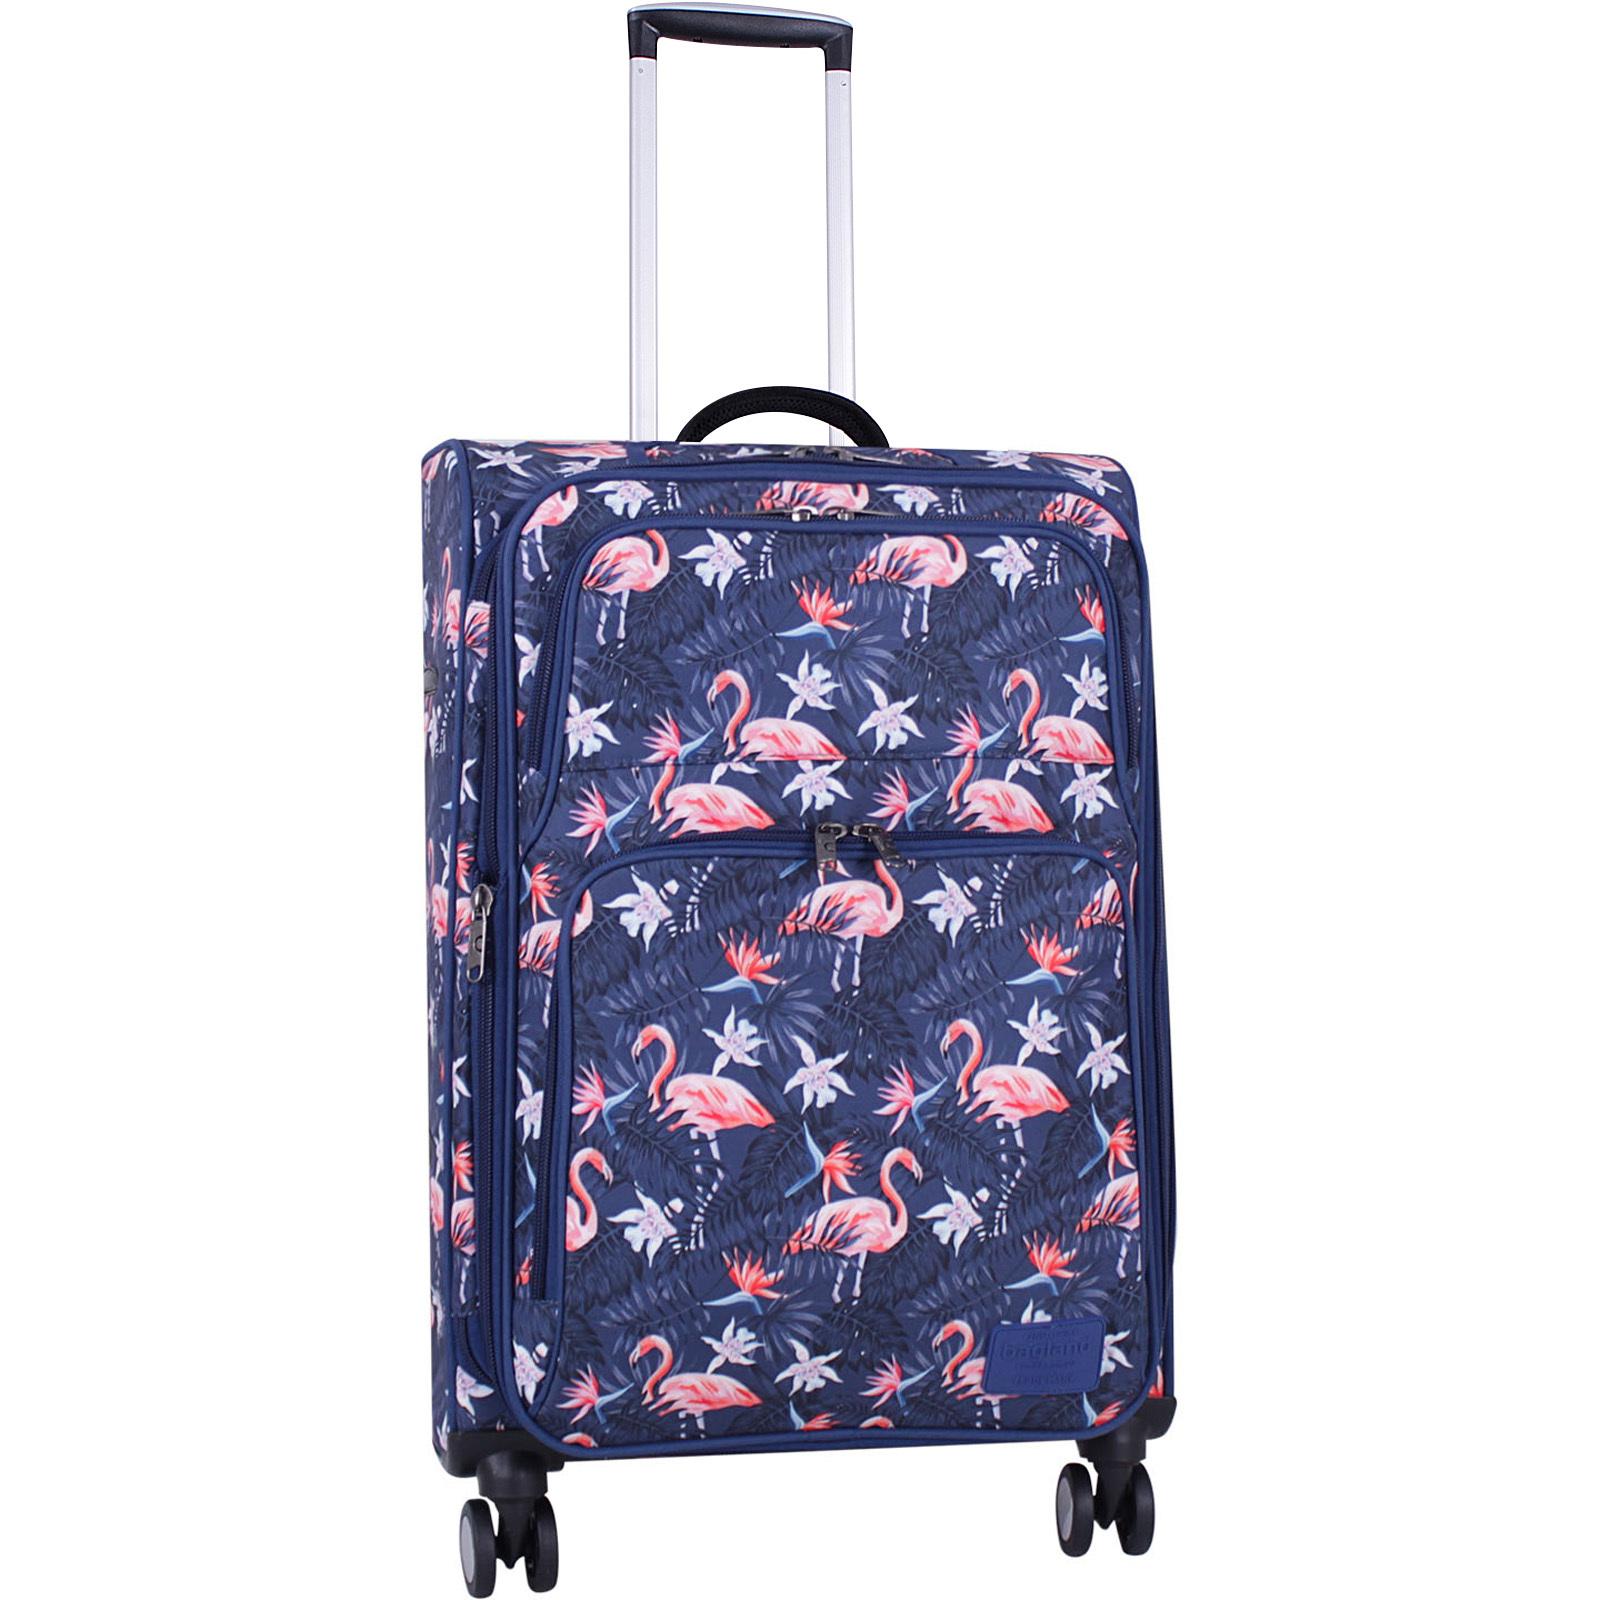 Дорожные чемоданы Чемодан Bagland Валенсия средний дизайн 63 л. сублимация 762 (0037966244) IMG_8875_суб762_-1600.jpg